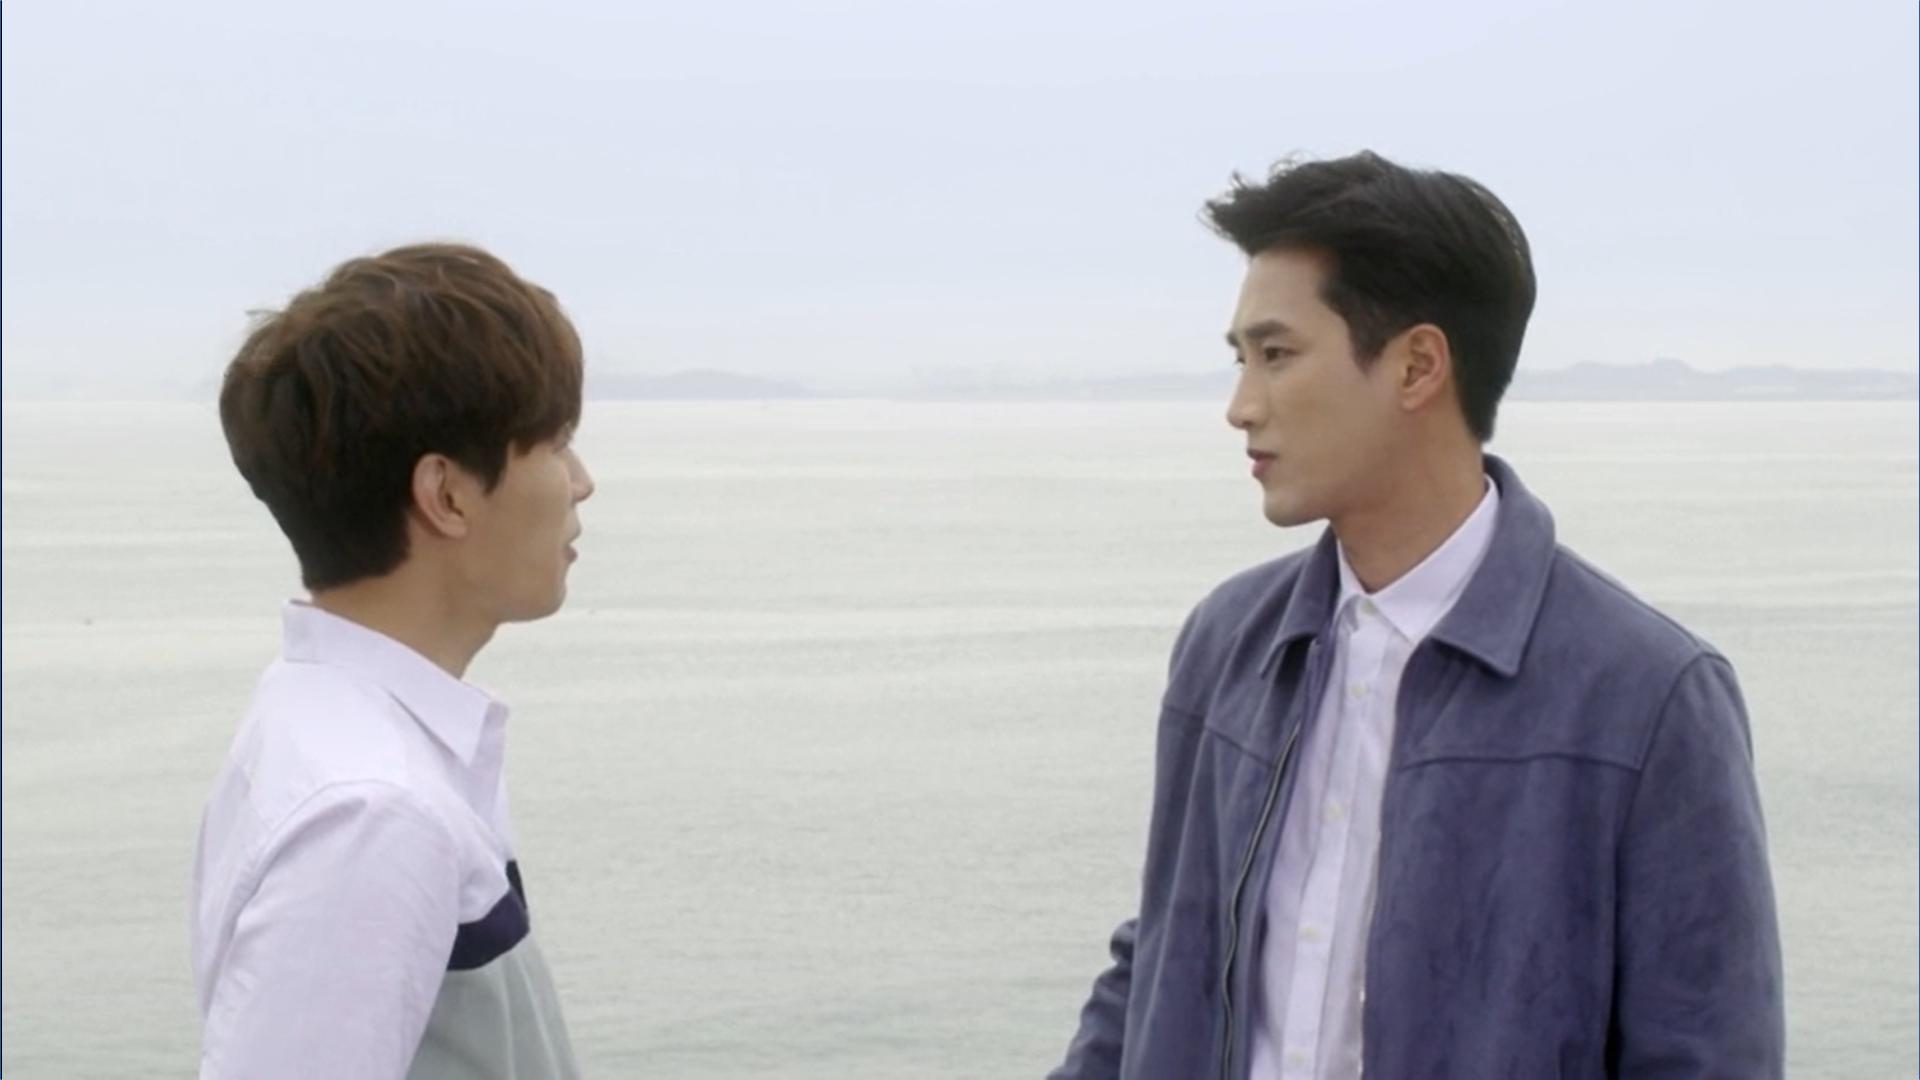 Wednesday 3:30 PM Yoon Jae-won and Baek Seung-gyu talking